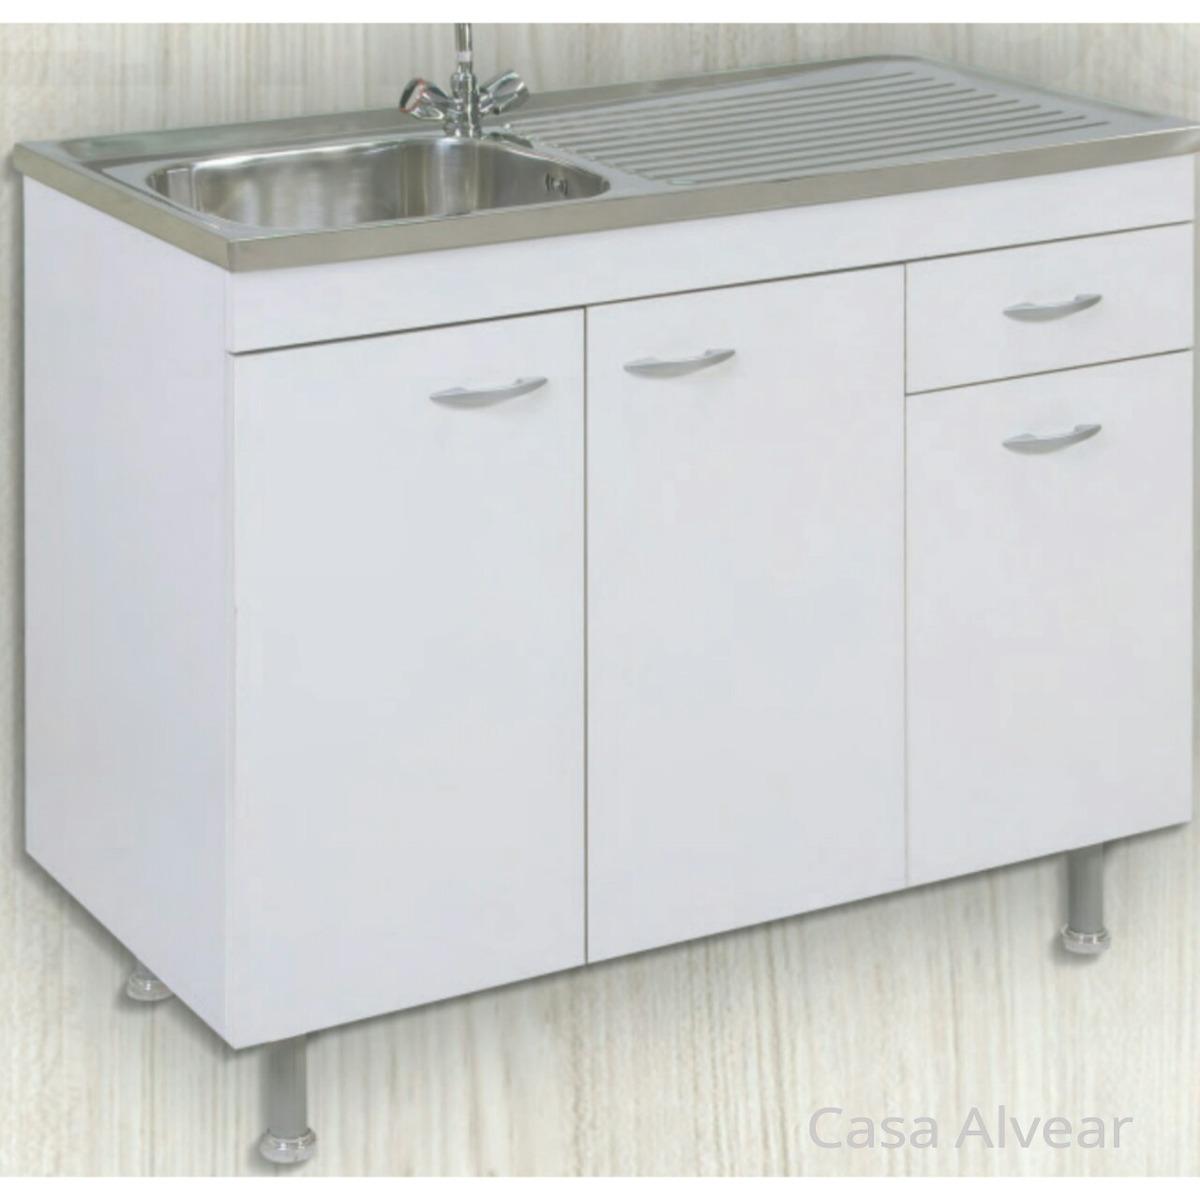 Muebles cocina acero inoxidable affordable acero - Muebles de cocina inox ...